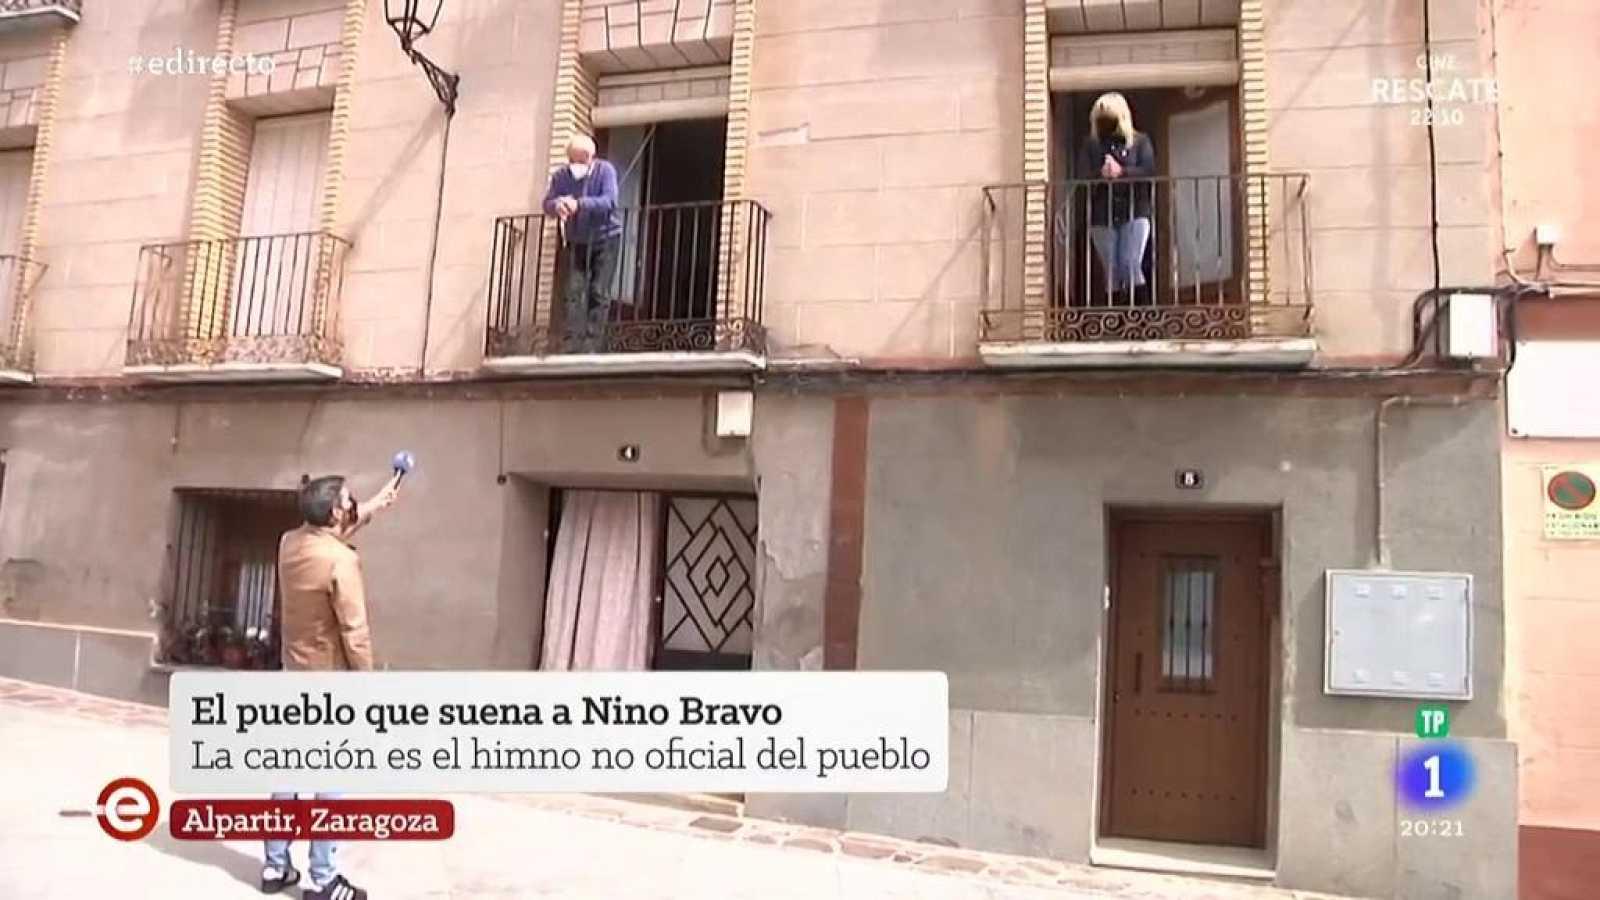 España Directo - Alpartir, el pueblo de Zaragoza que suena a Nino Bravo